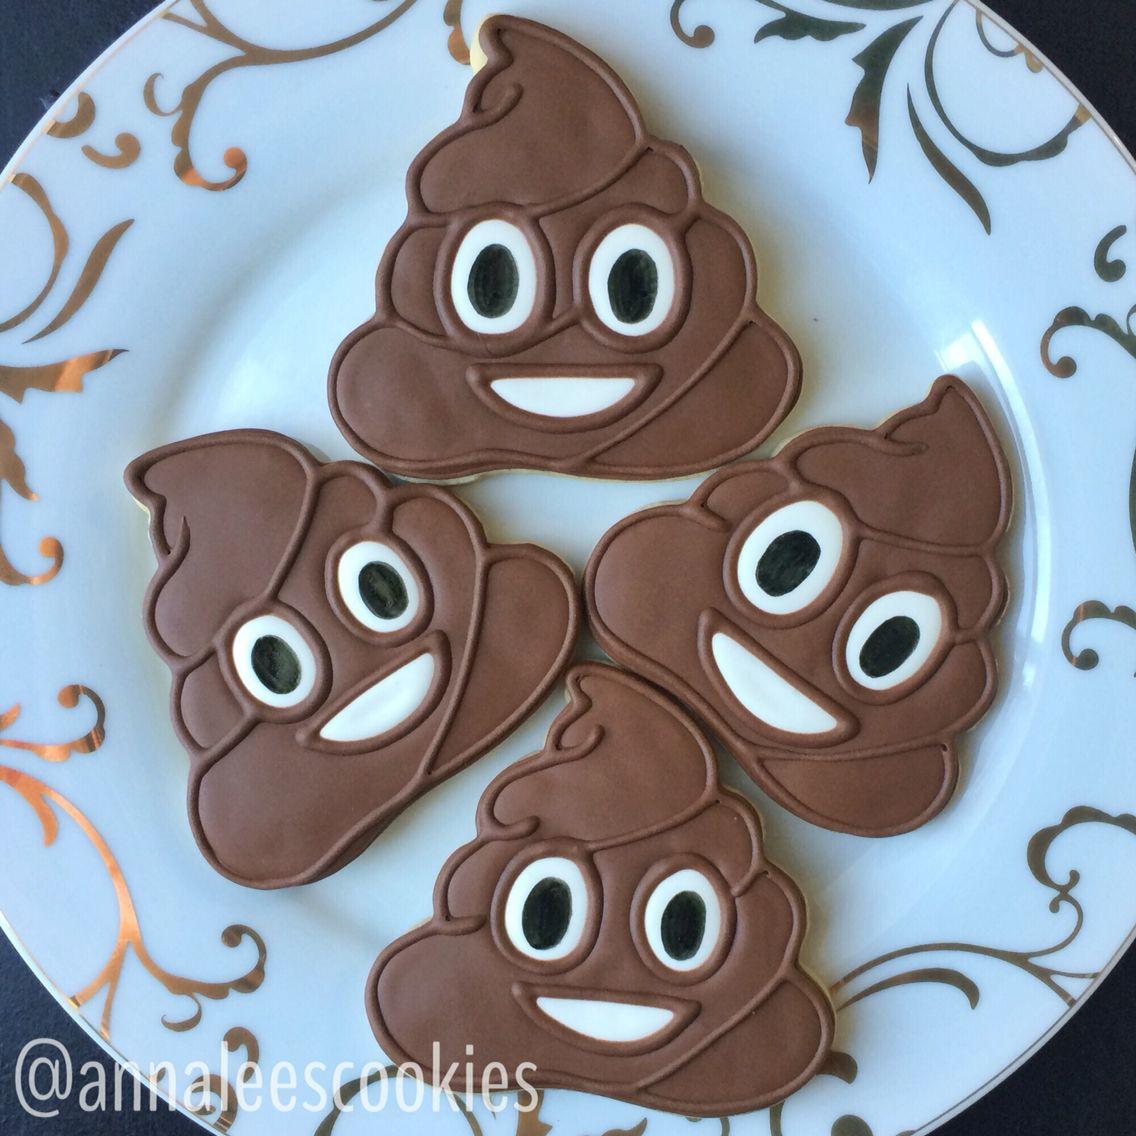 Poop Emoji Cookies! By Anna Lee's Cookies (instagram